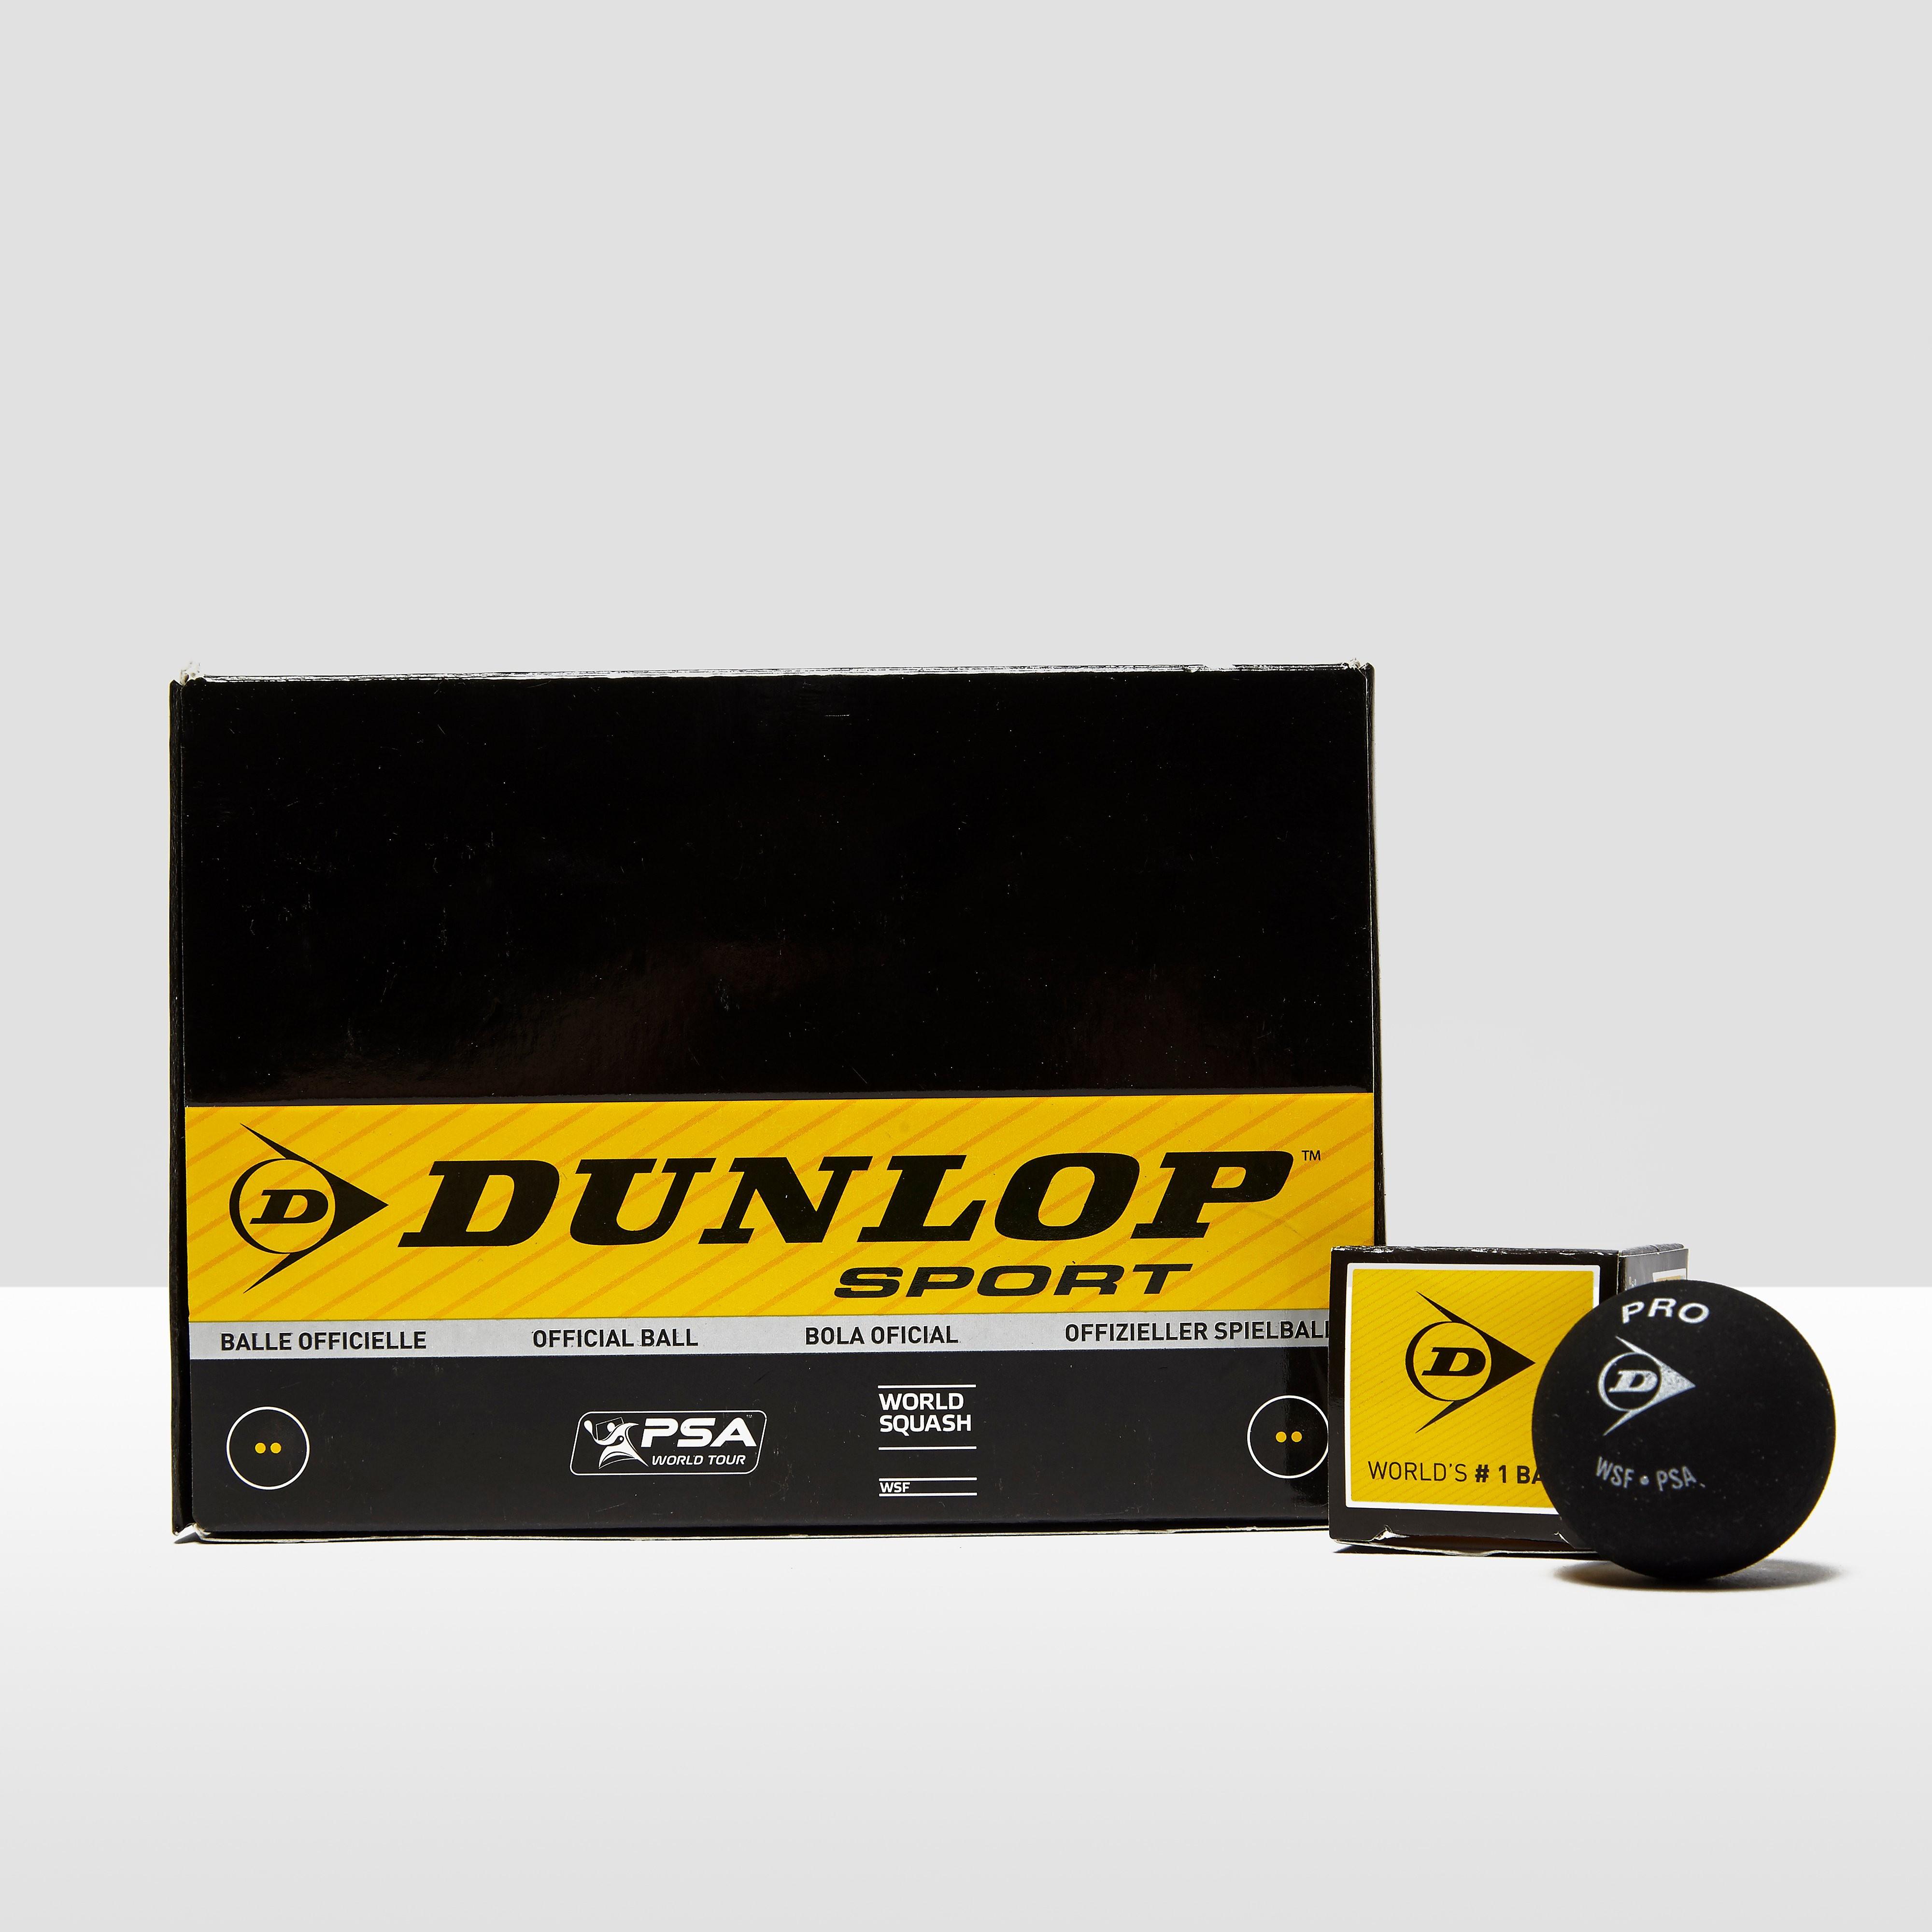 Dunlop Revelation Pro Squash Balls (Double Spot)